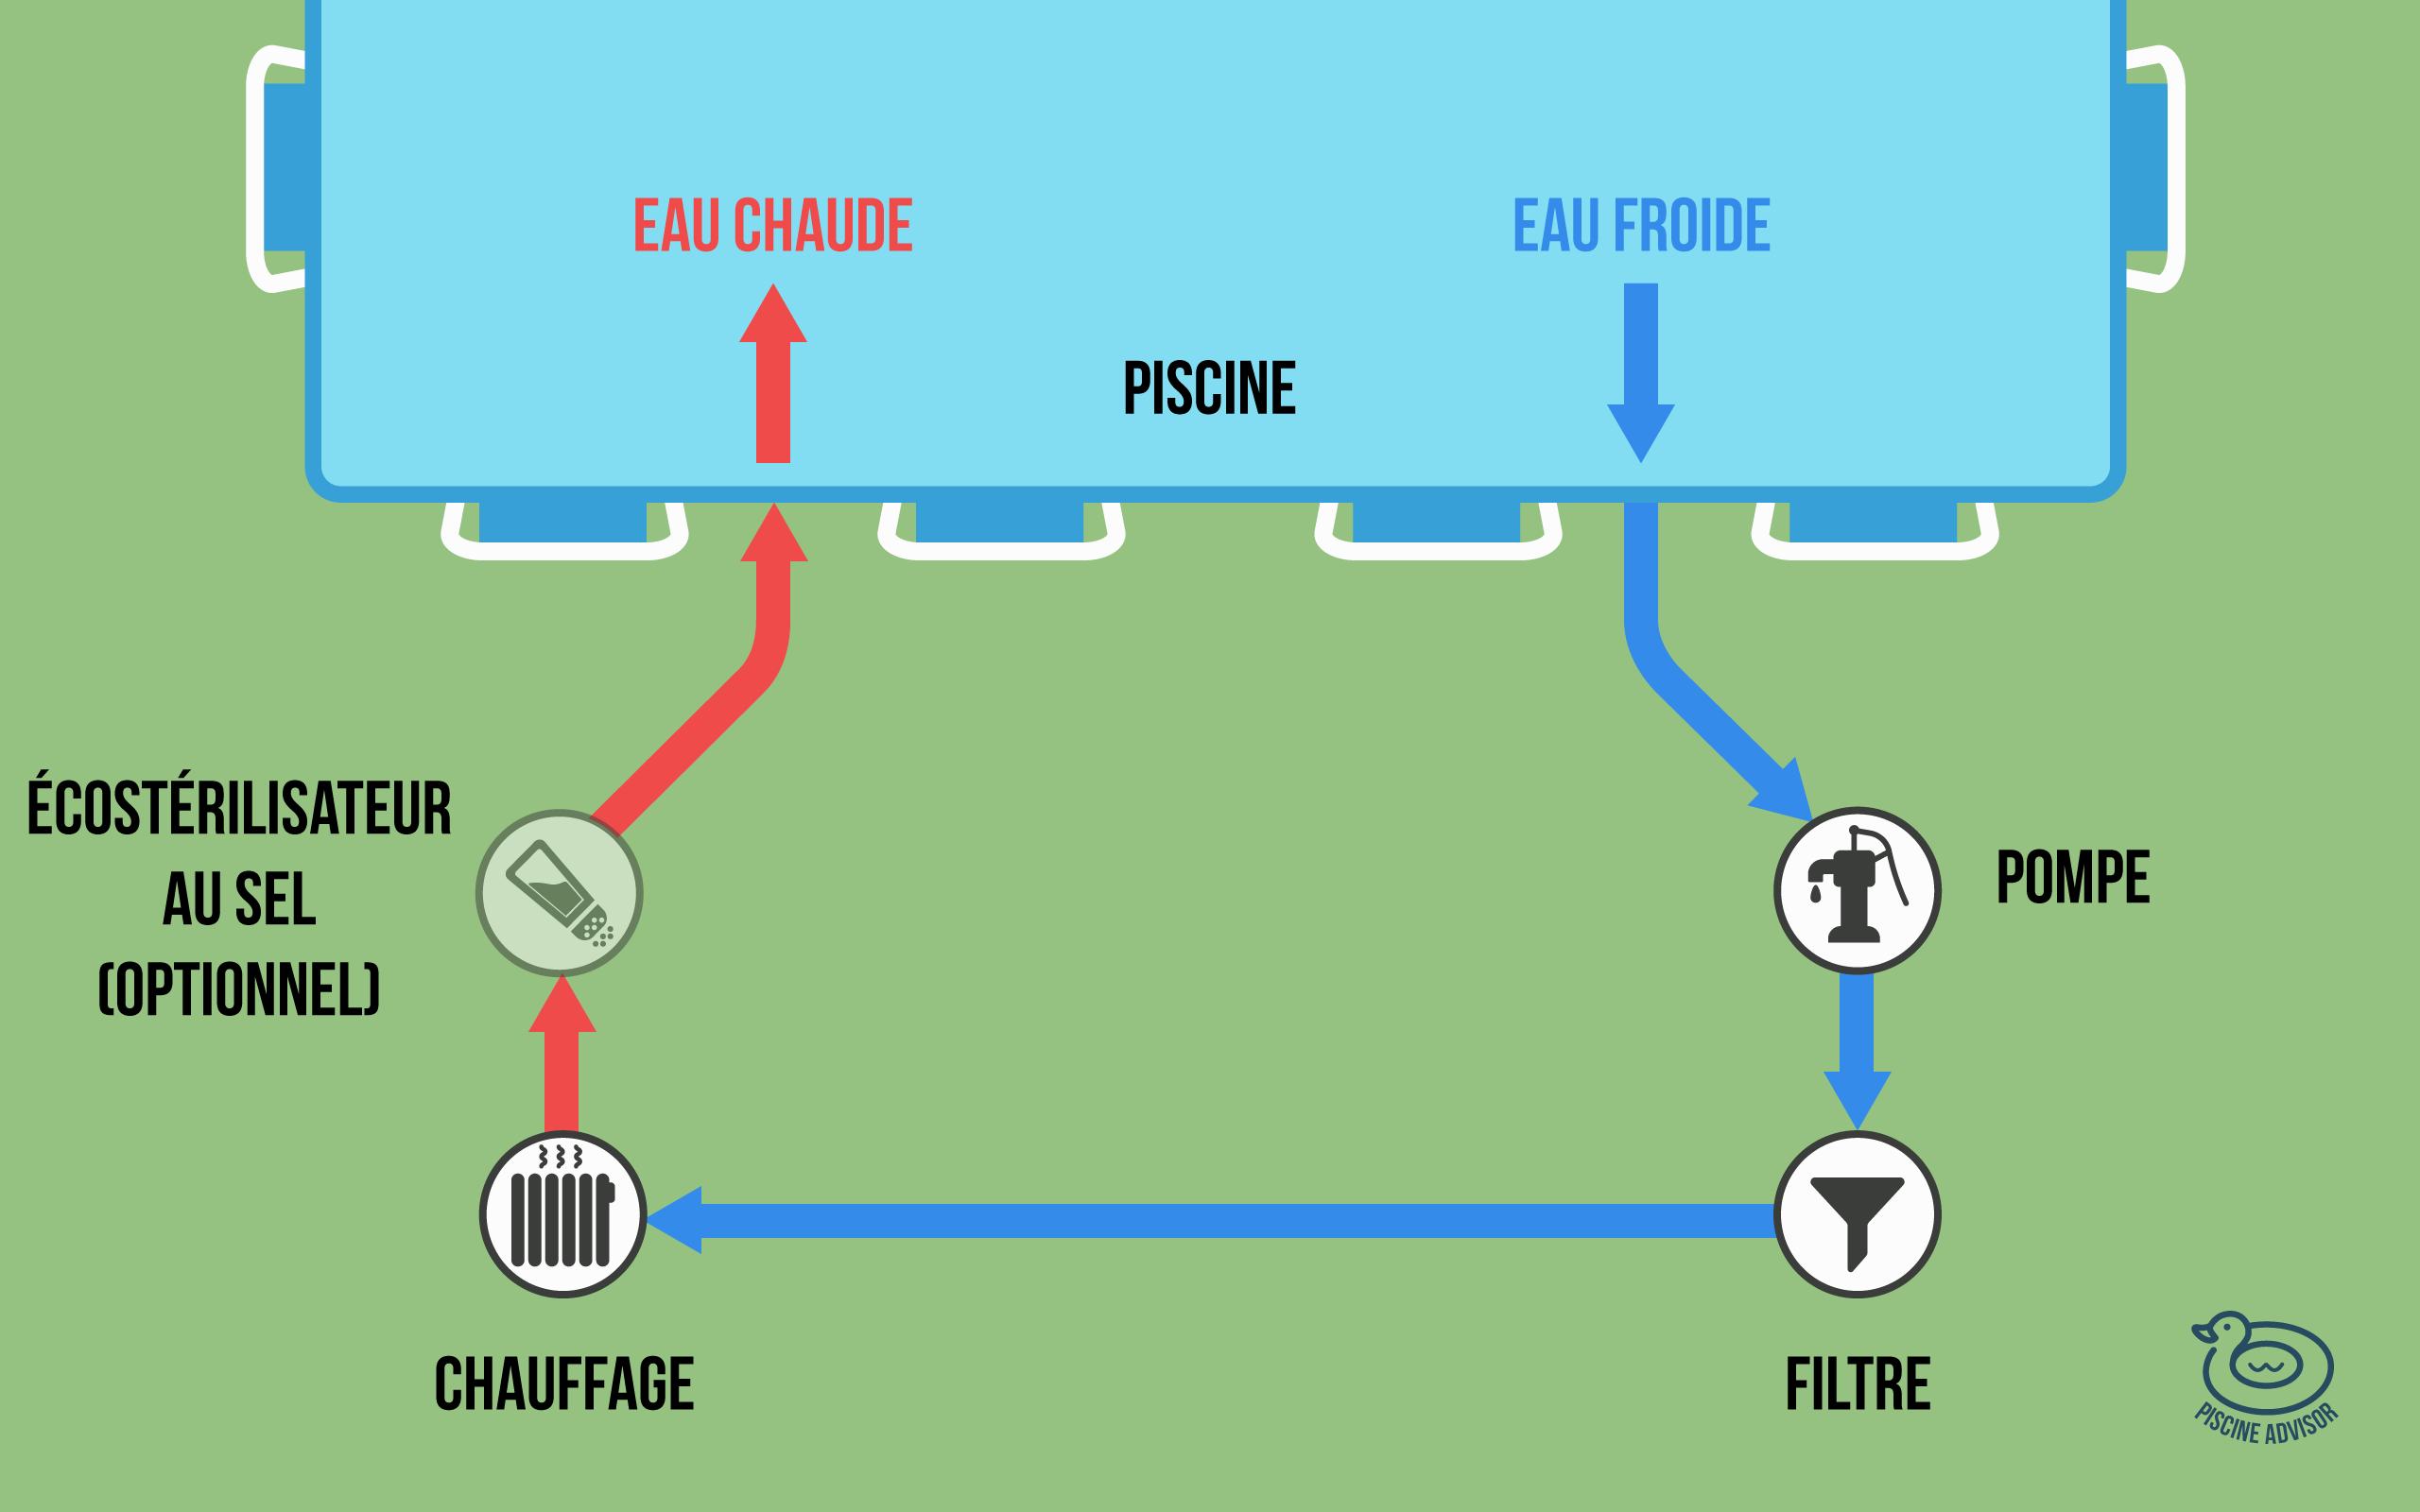 Chauffage Piscine Hors Sol : Toutes Les Solutions ... intérieur Pompe Piscine Autoportée